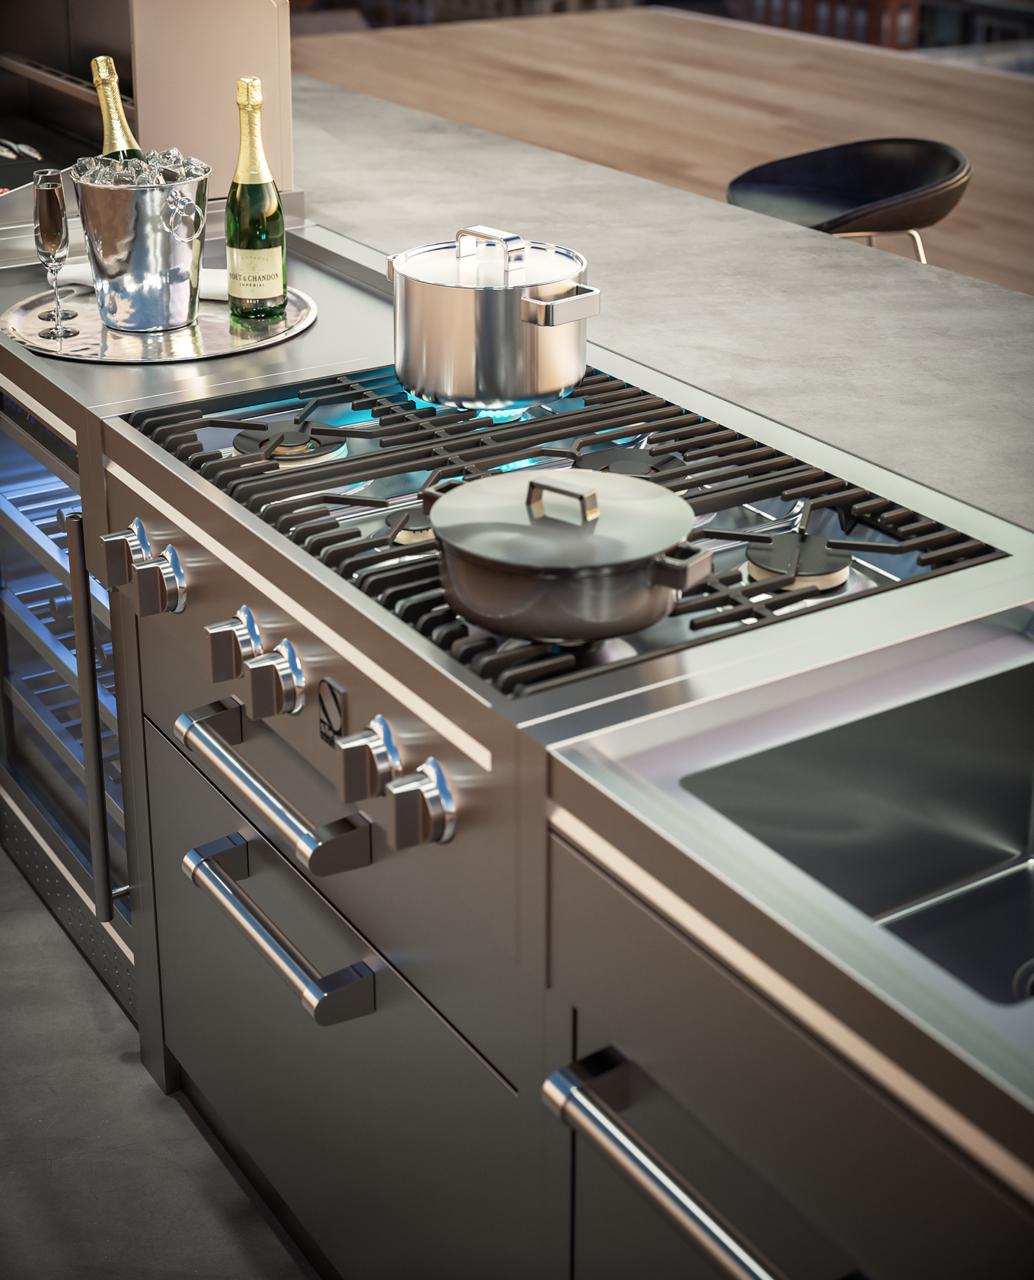 La Collezione Outdoor Di Steel Cucine Porta All Esterno Tutte Le Comodita E Le Performance Della Cucina Indoor Cucina Industriale Cucine Cucina Professionale